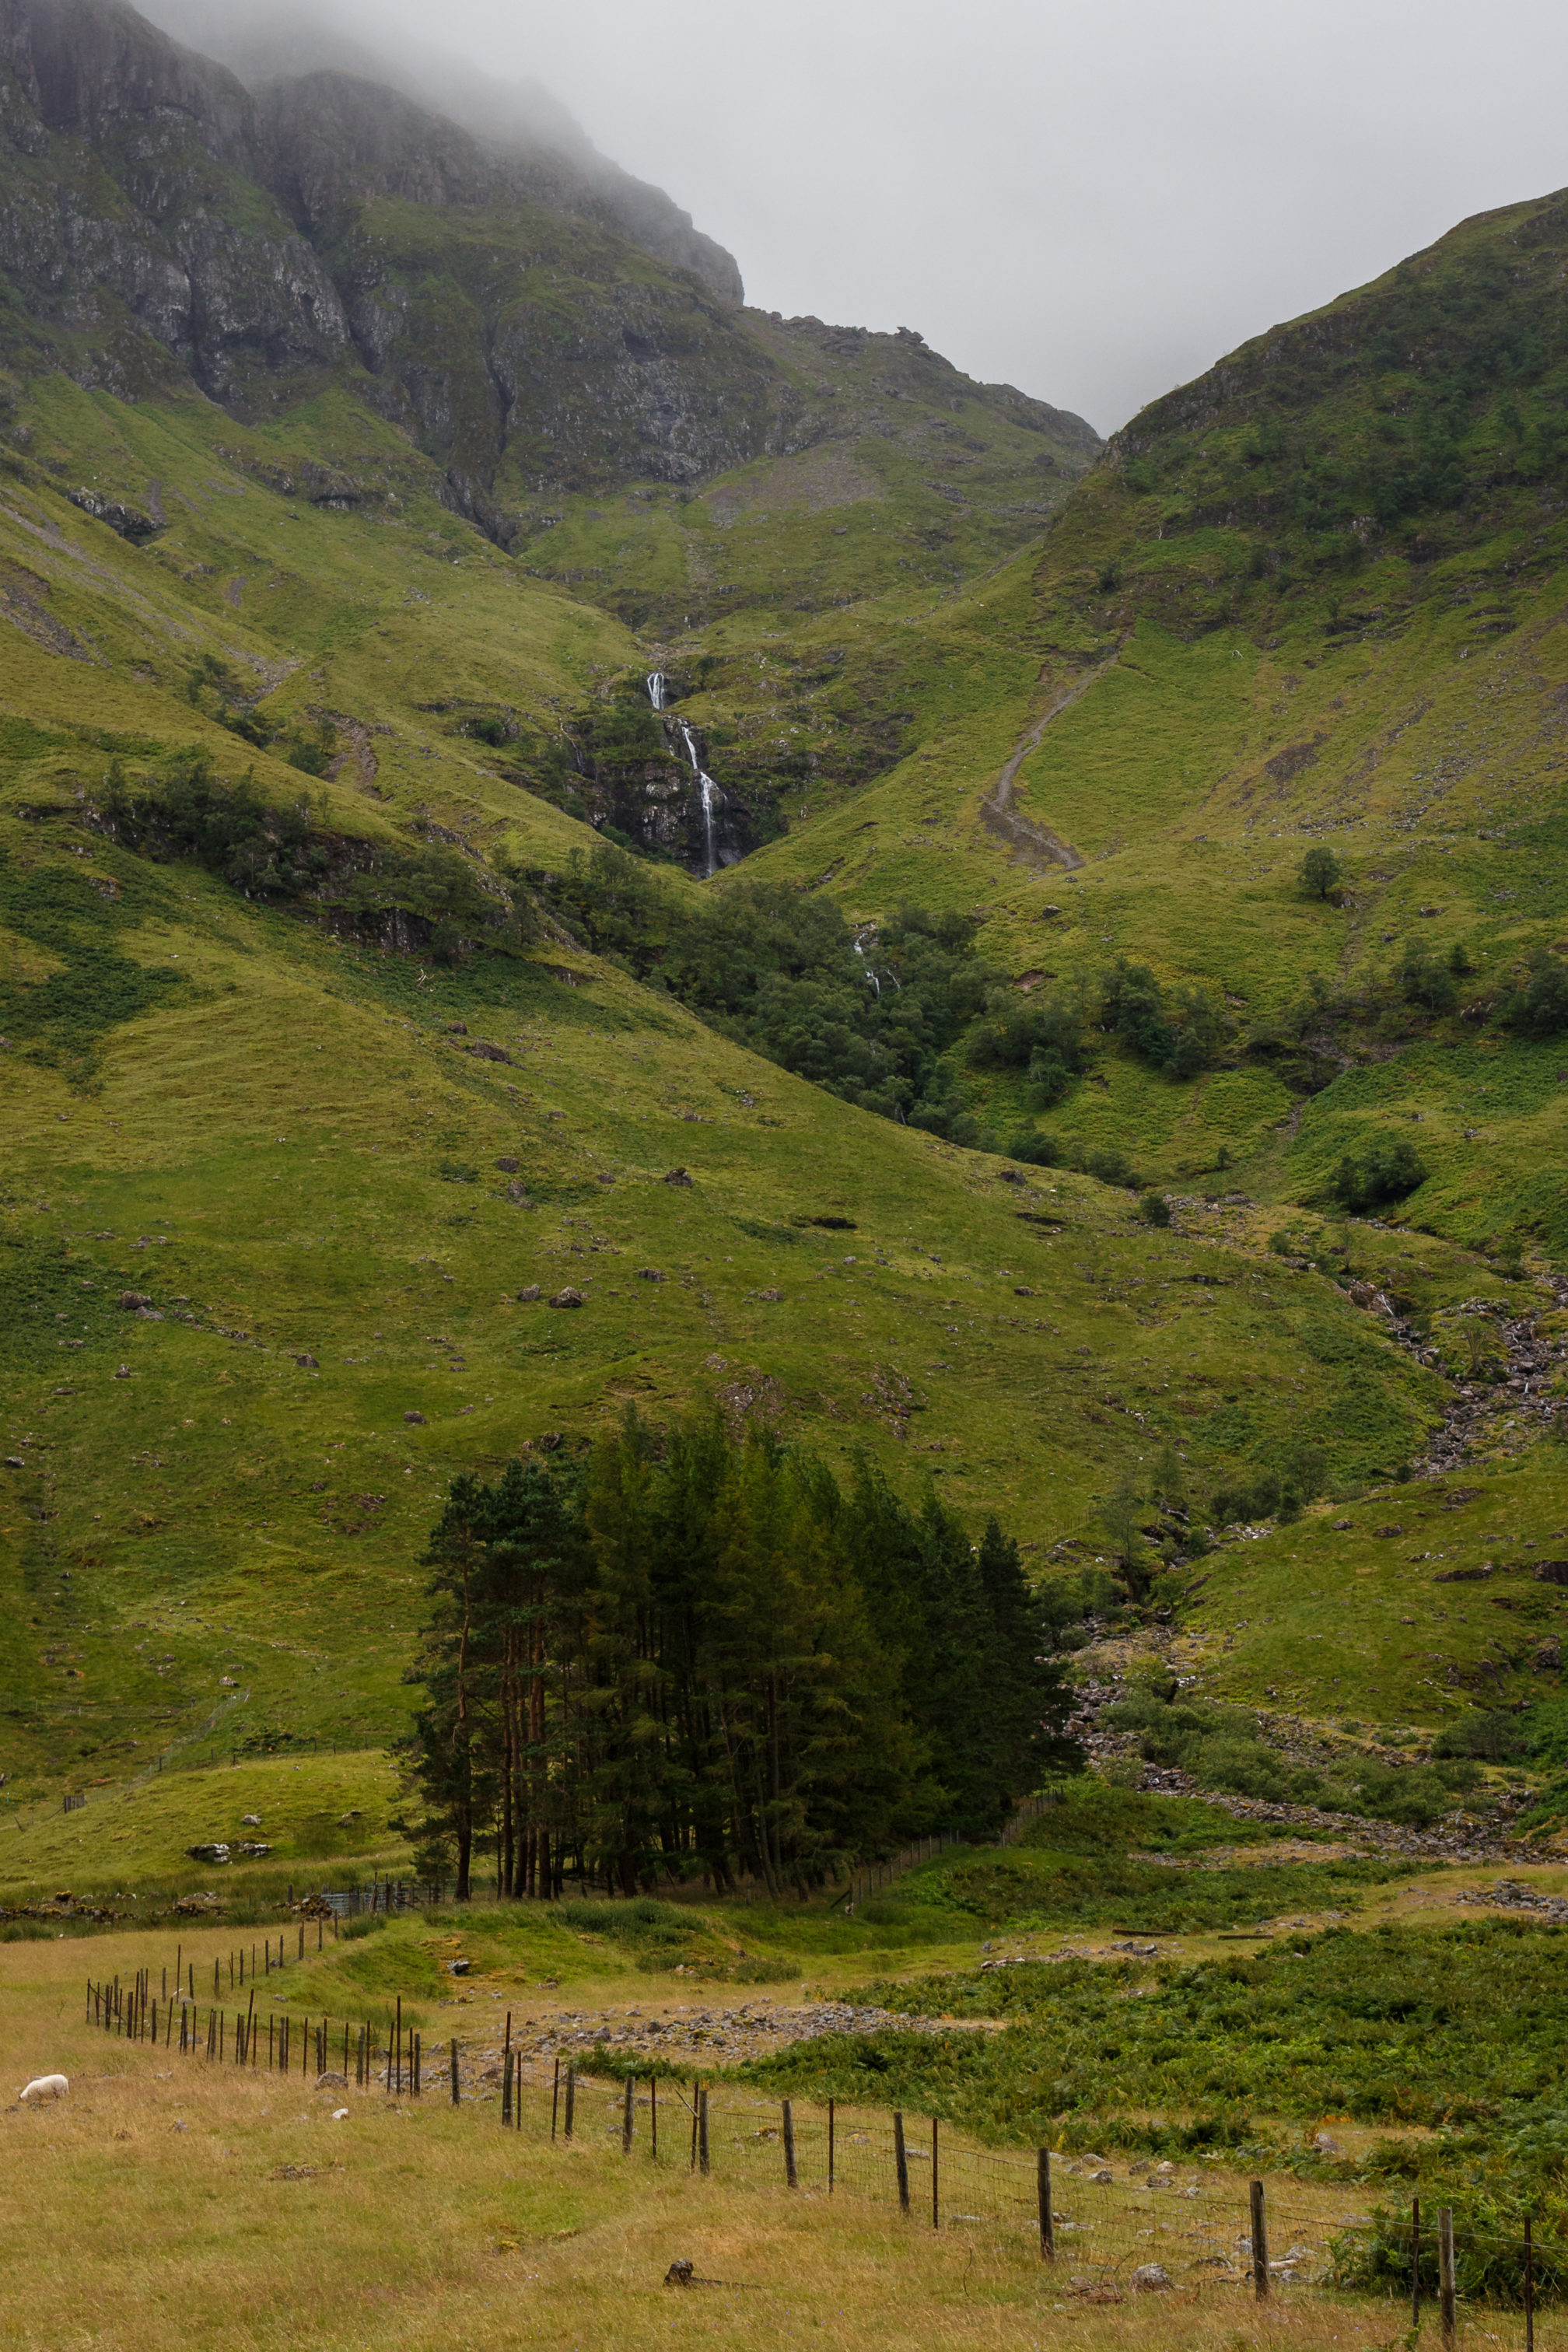 Ein Schaf, etwas Nebel, ein Berg und ein Wasserfall - Schottland kurz zusammengefasst